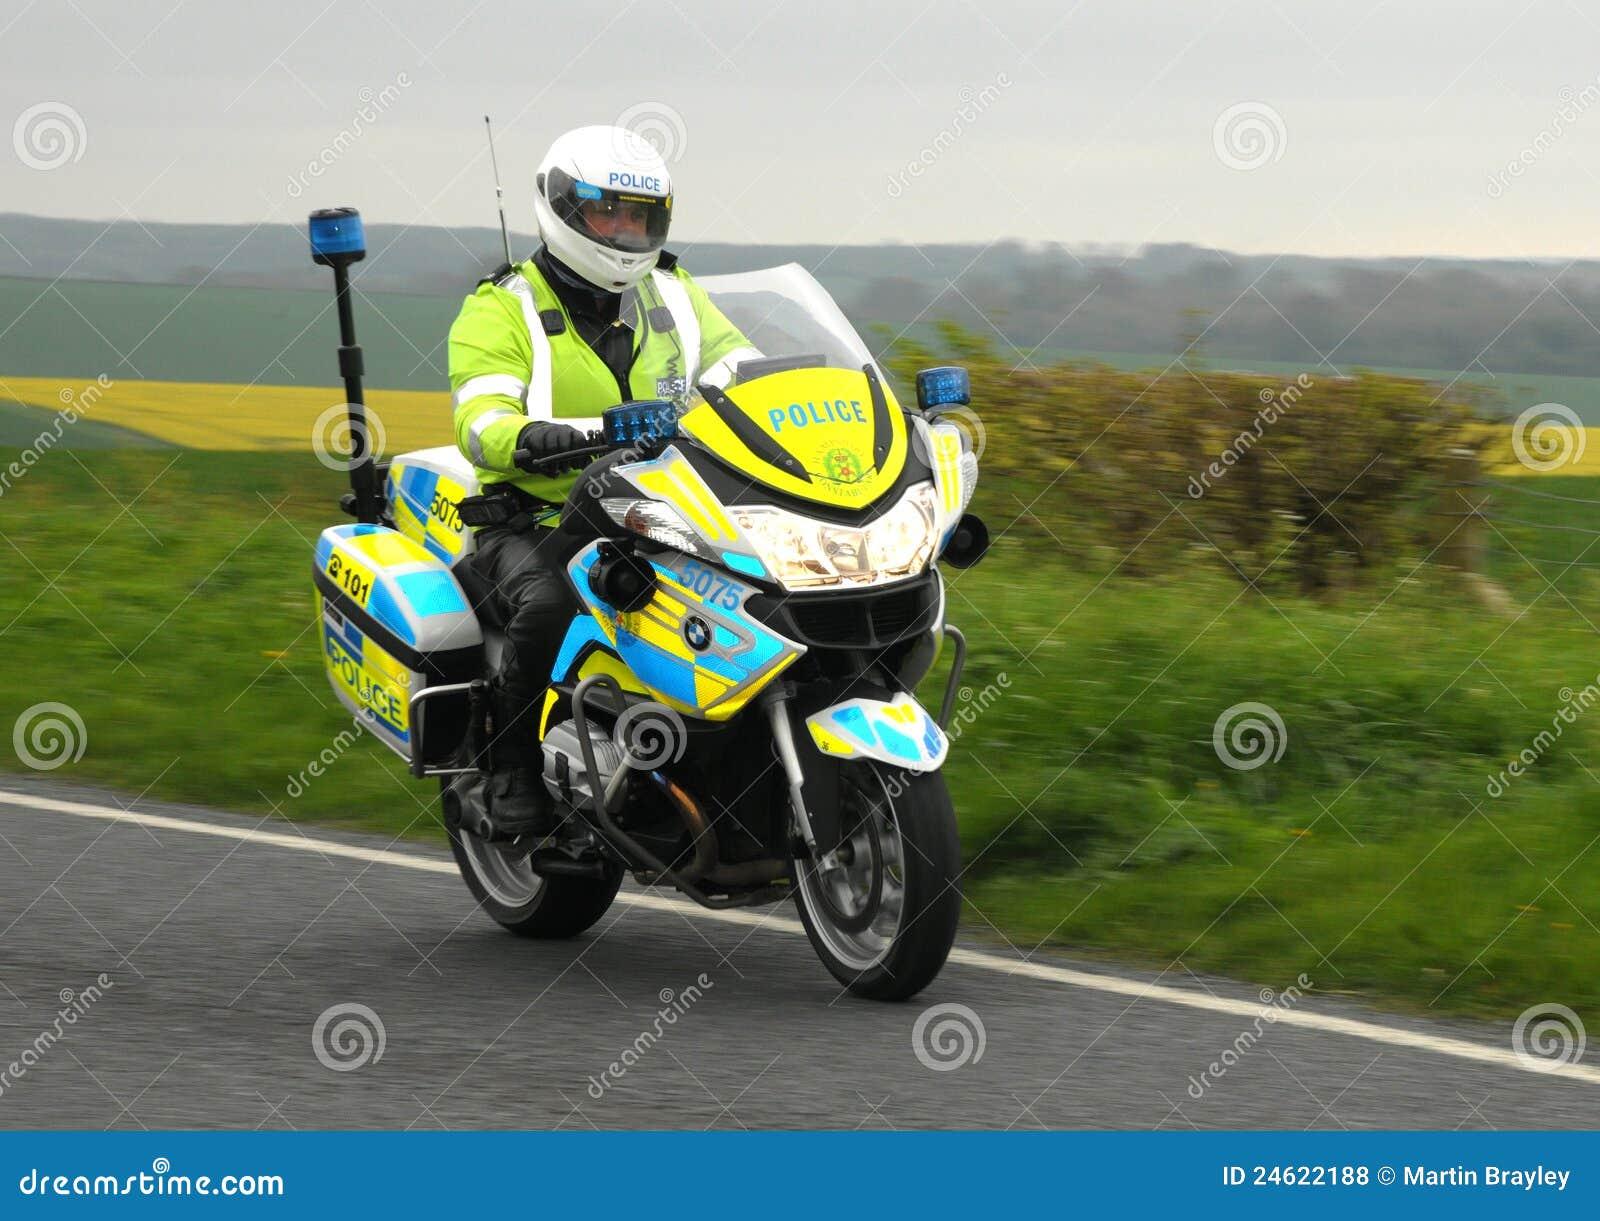 Motociclo della polizia a velocità